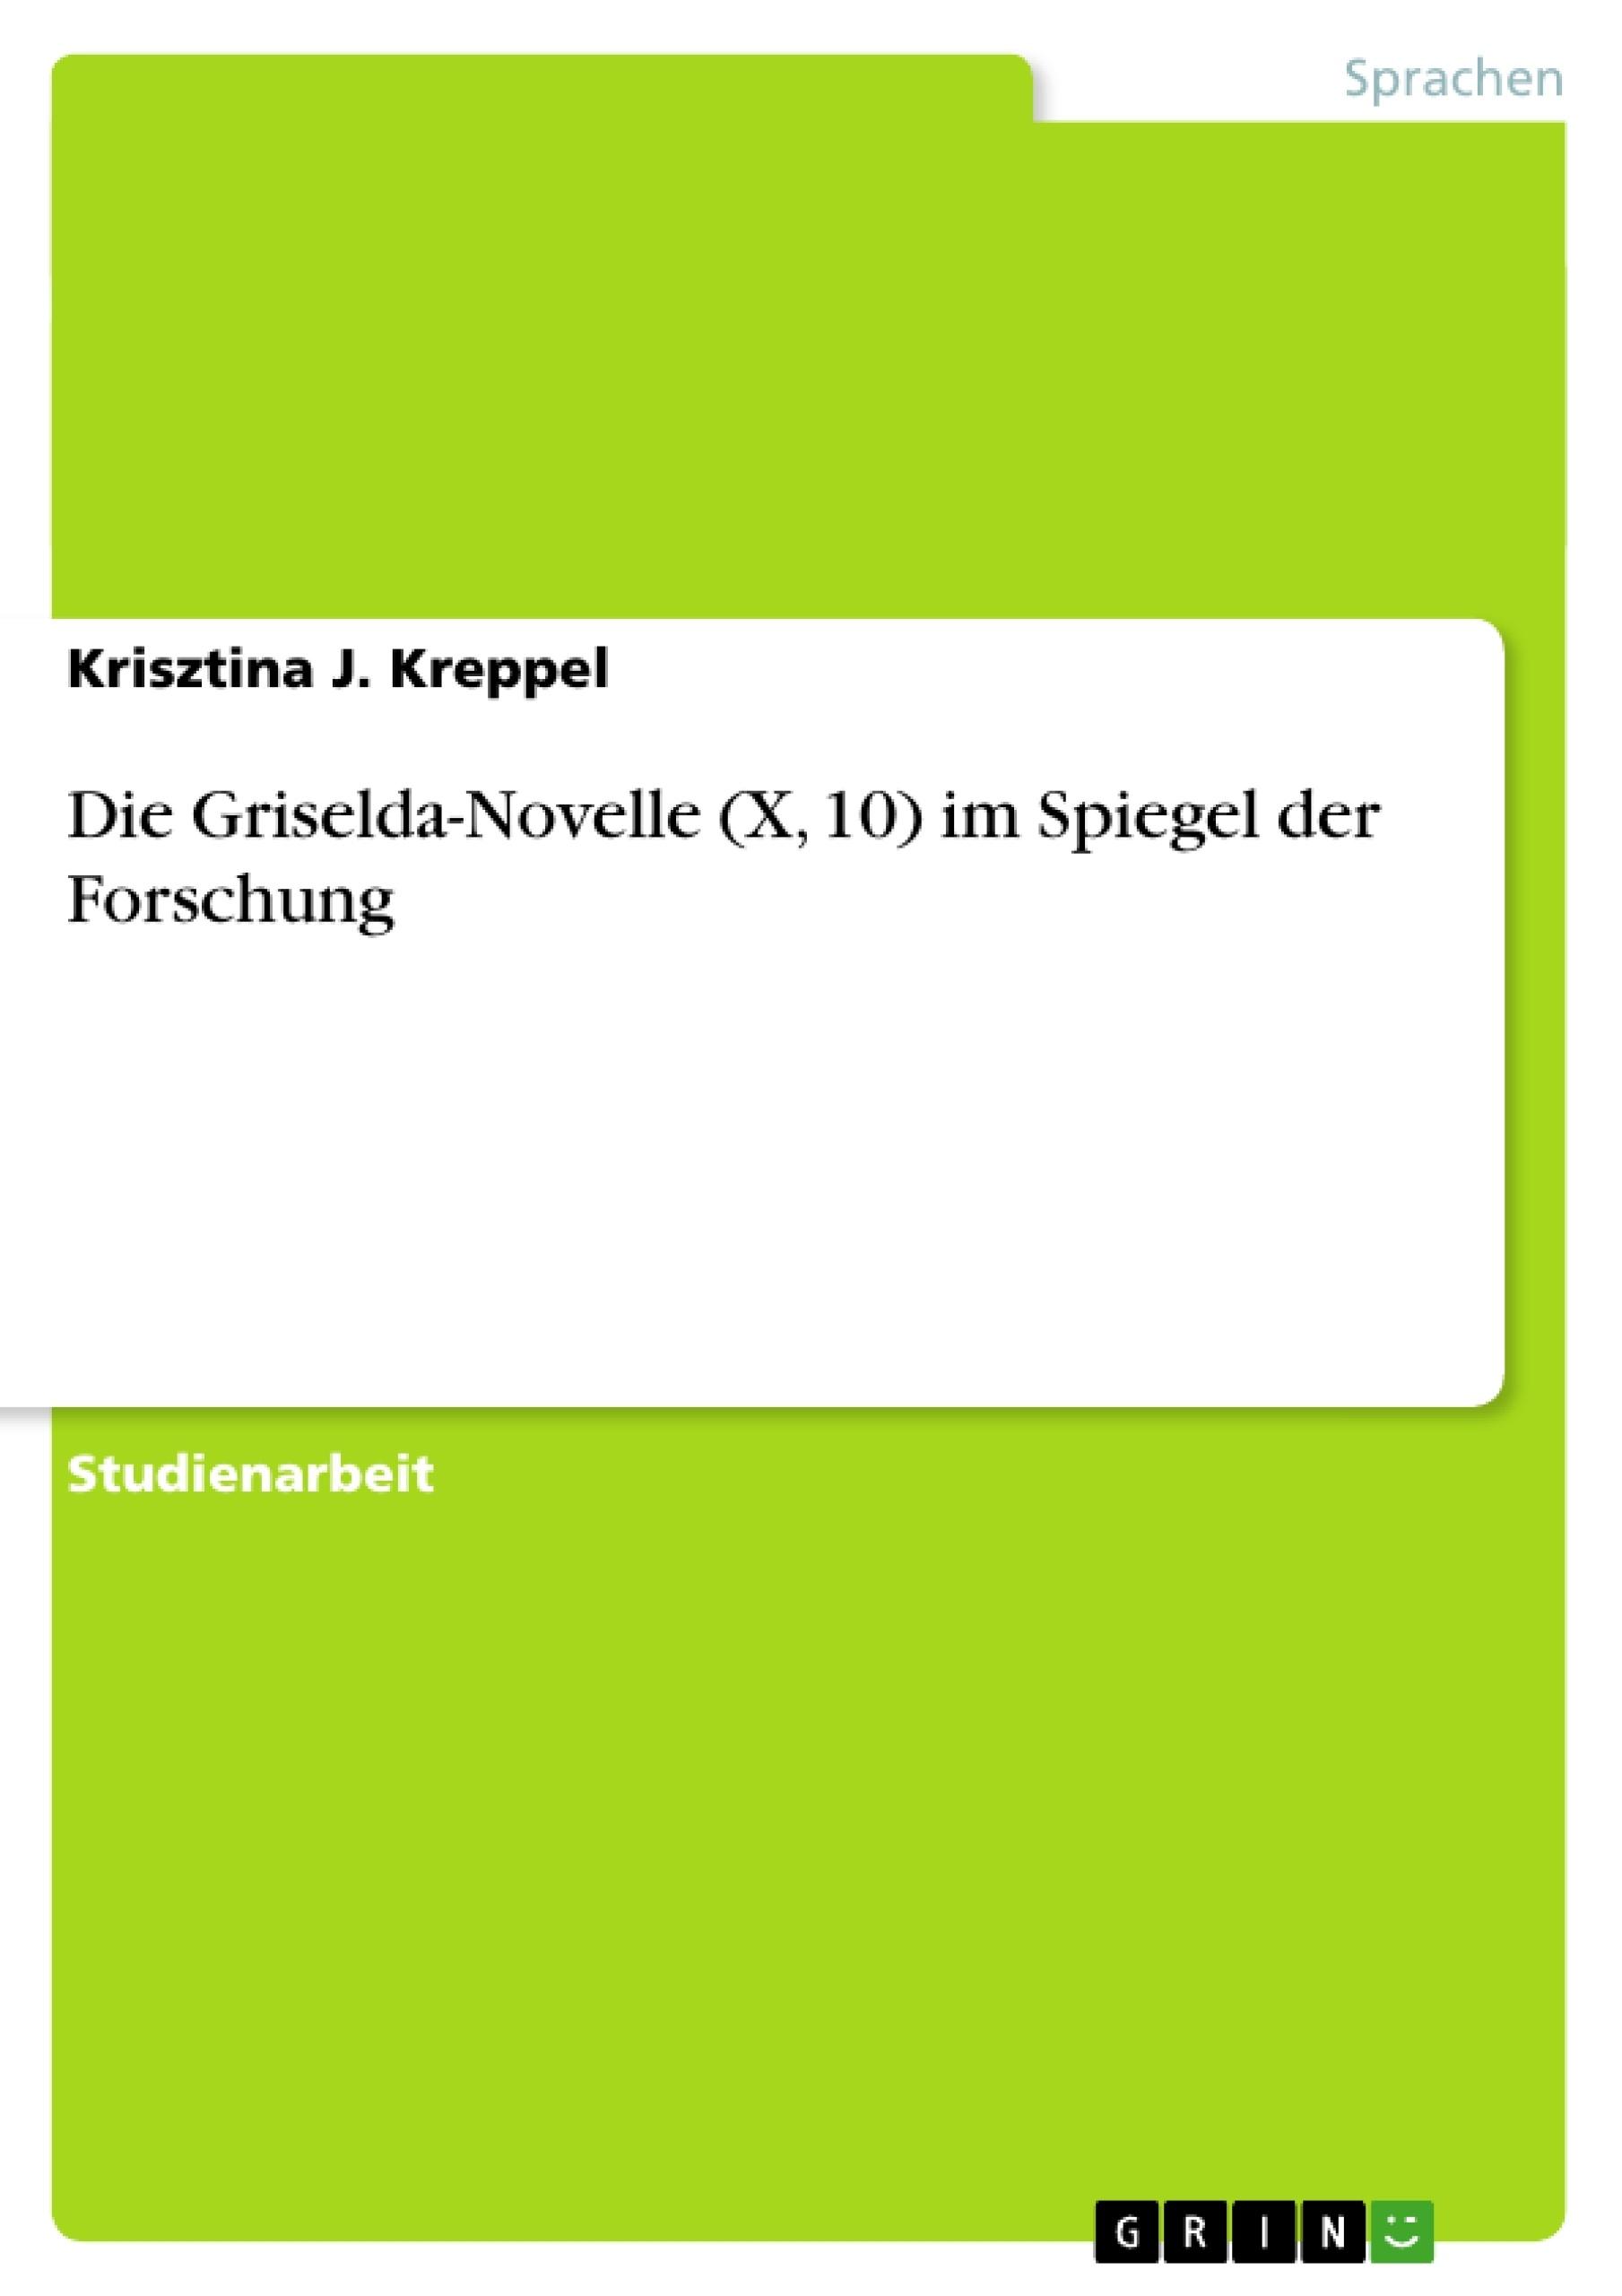 Titel: Die Griselda-Novelle (X, 10) im Spiegel der Forschung